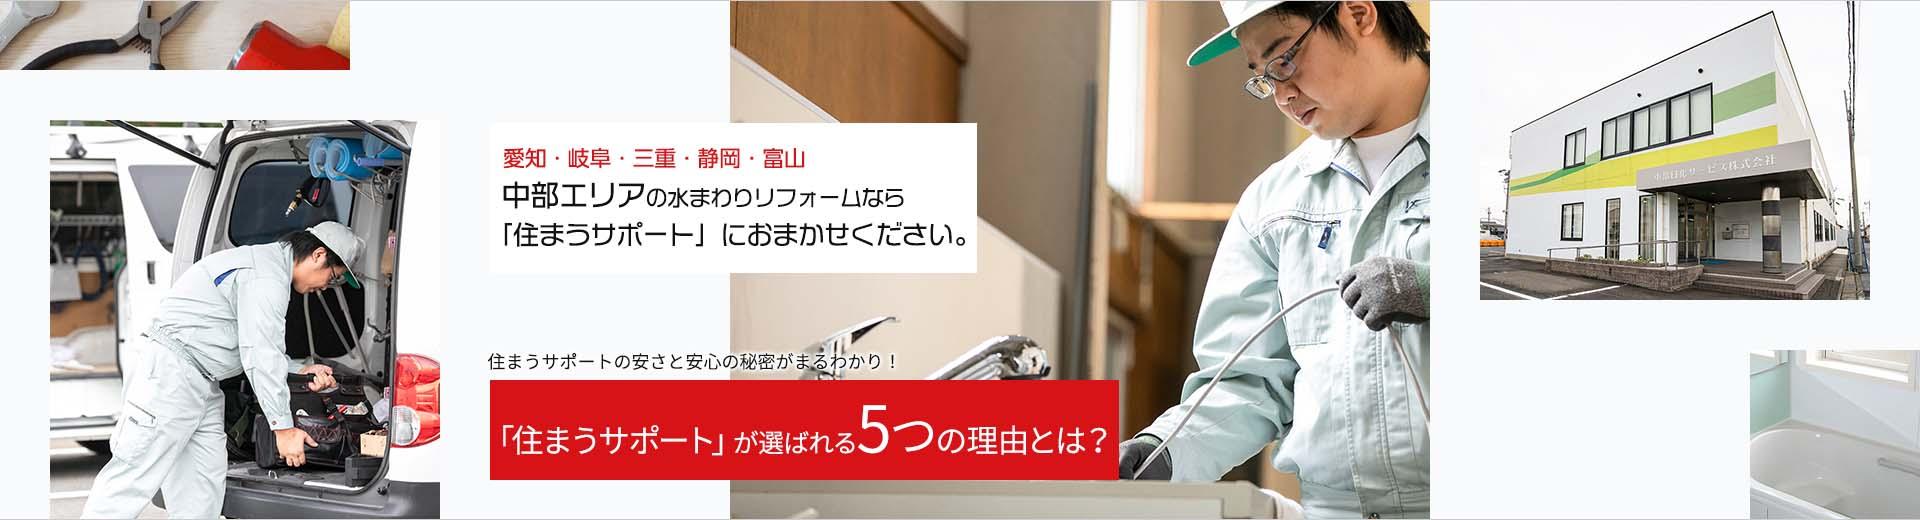 愛知・岐阜・三重・静岡・富山中部エリアの水まわりリフォームなら「すまサポ」におまかせください。